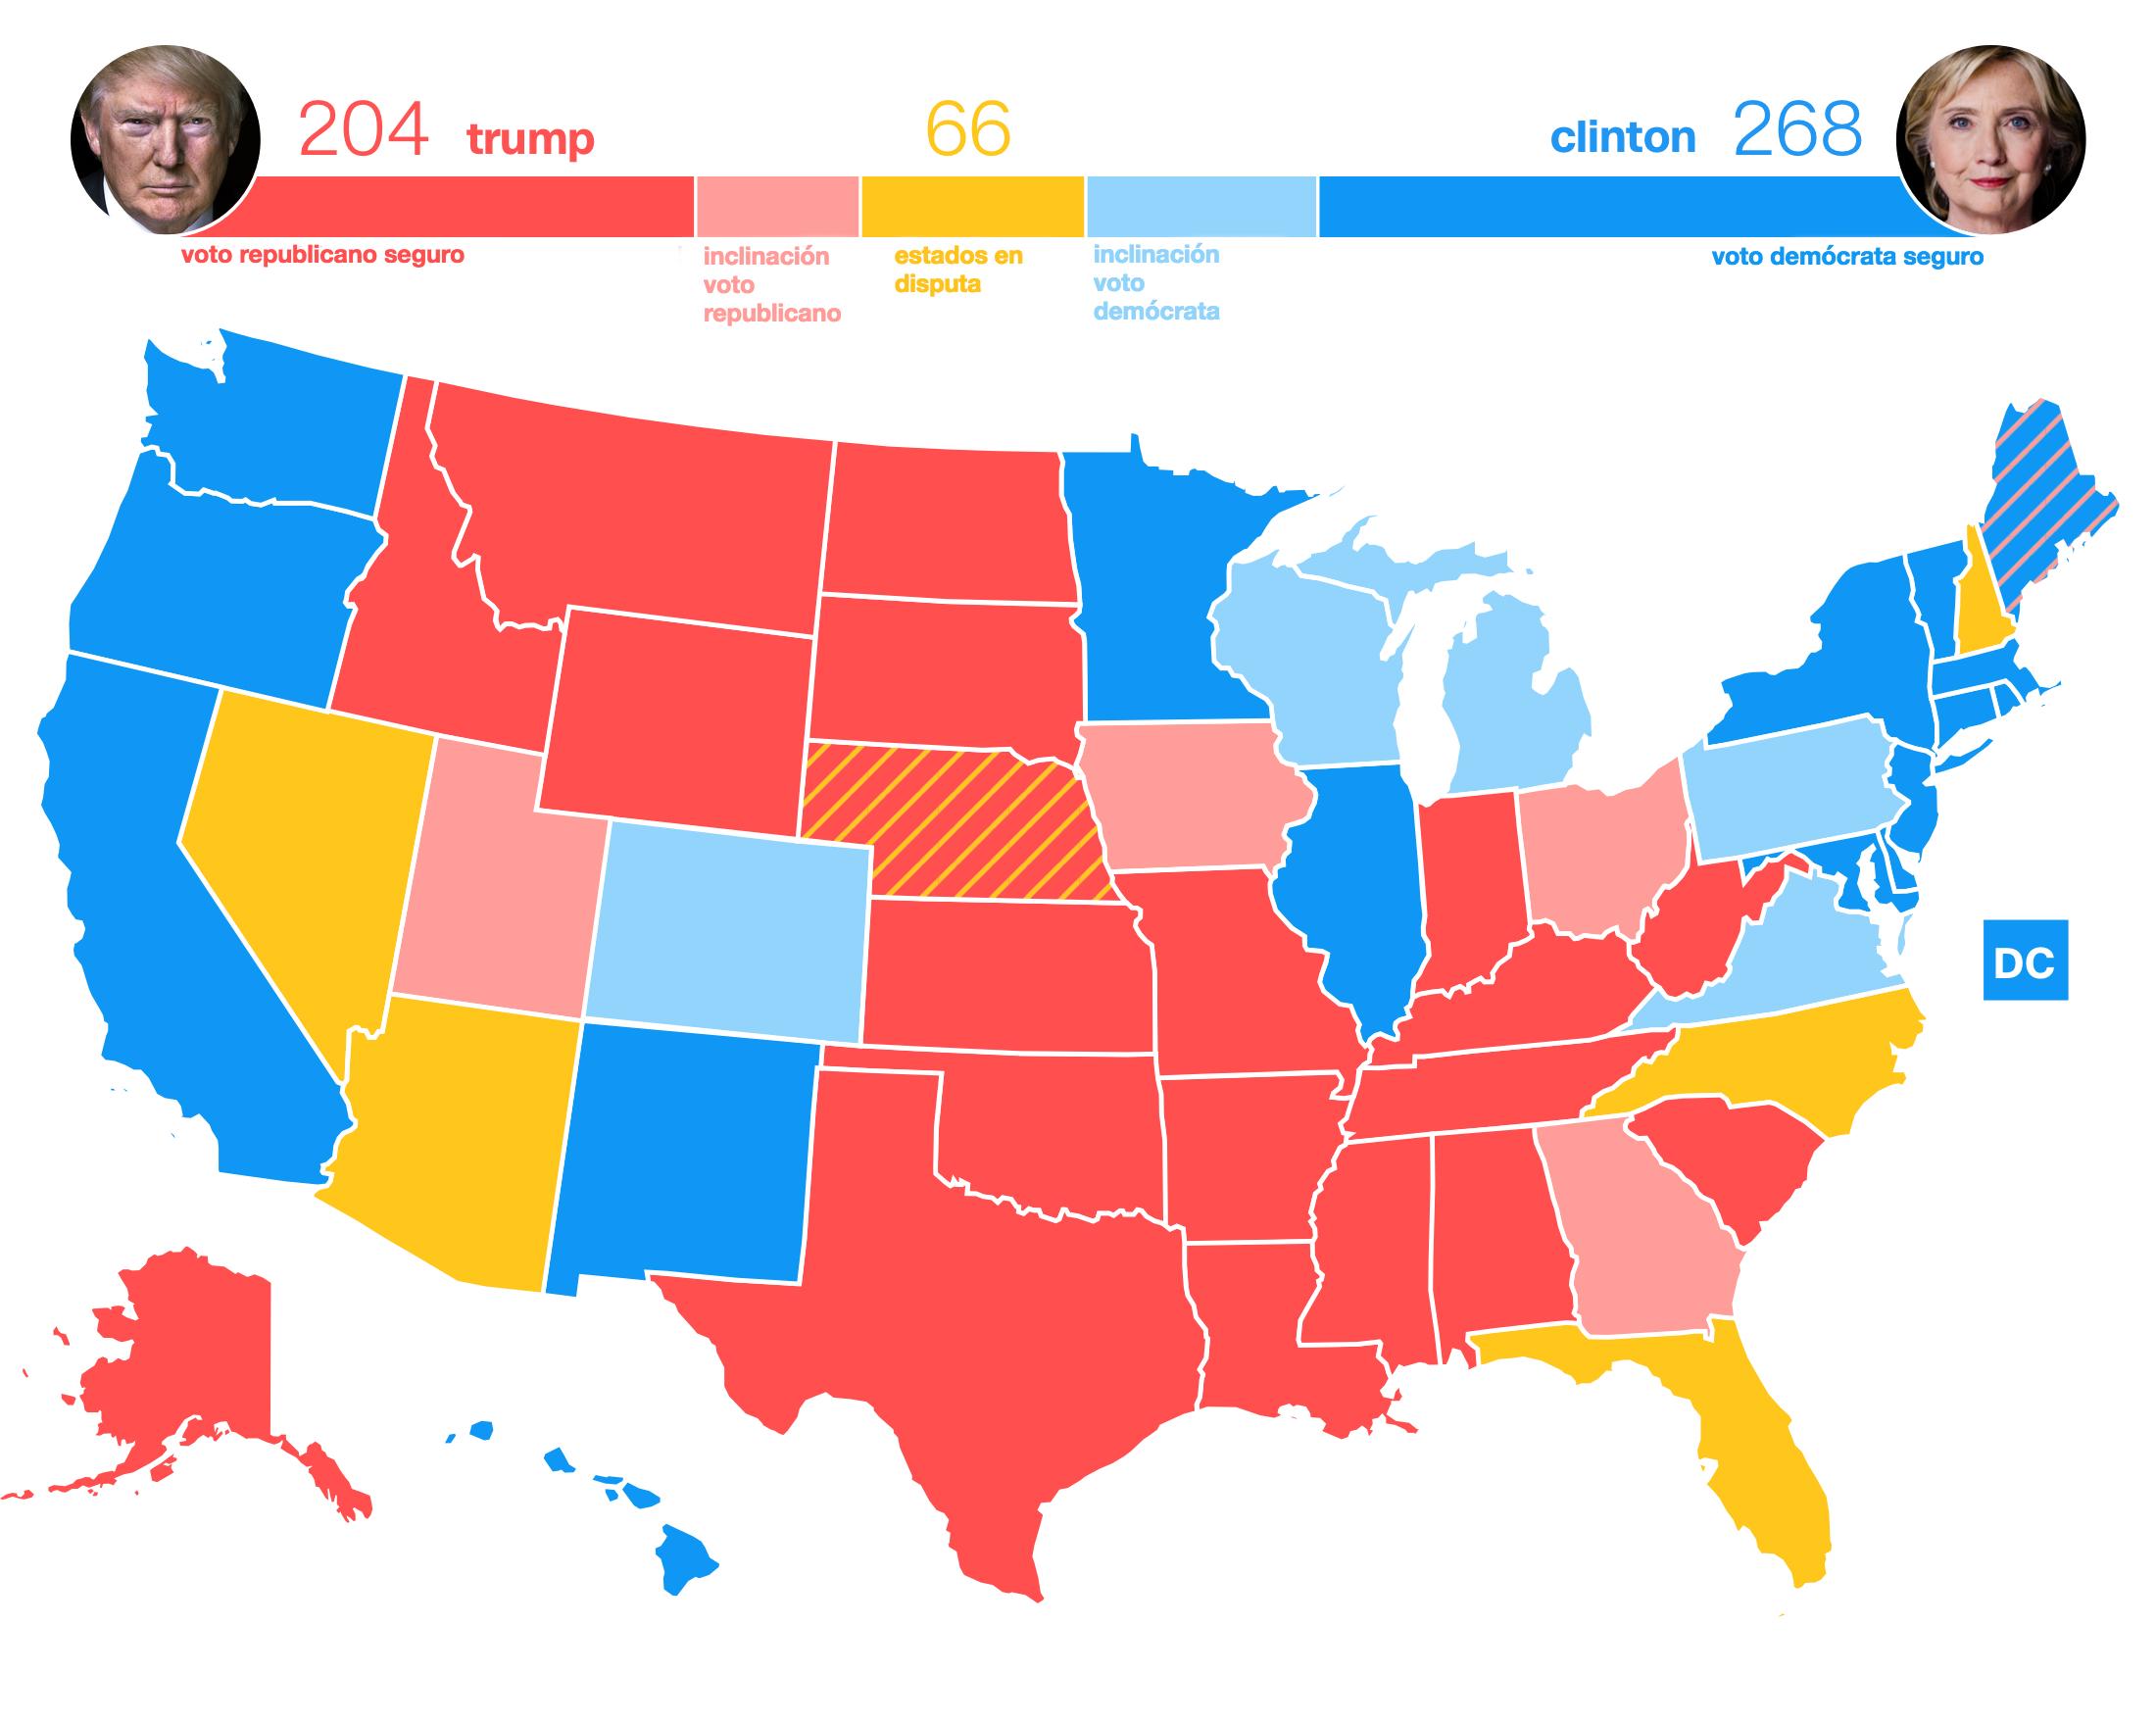 Los estados en los que hay distritos congresionales en disputa (Nebraska y Maine) están diferenciados con líneas diagonales.